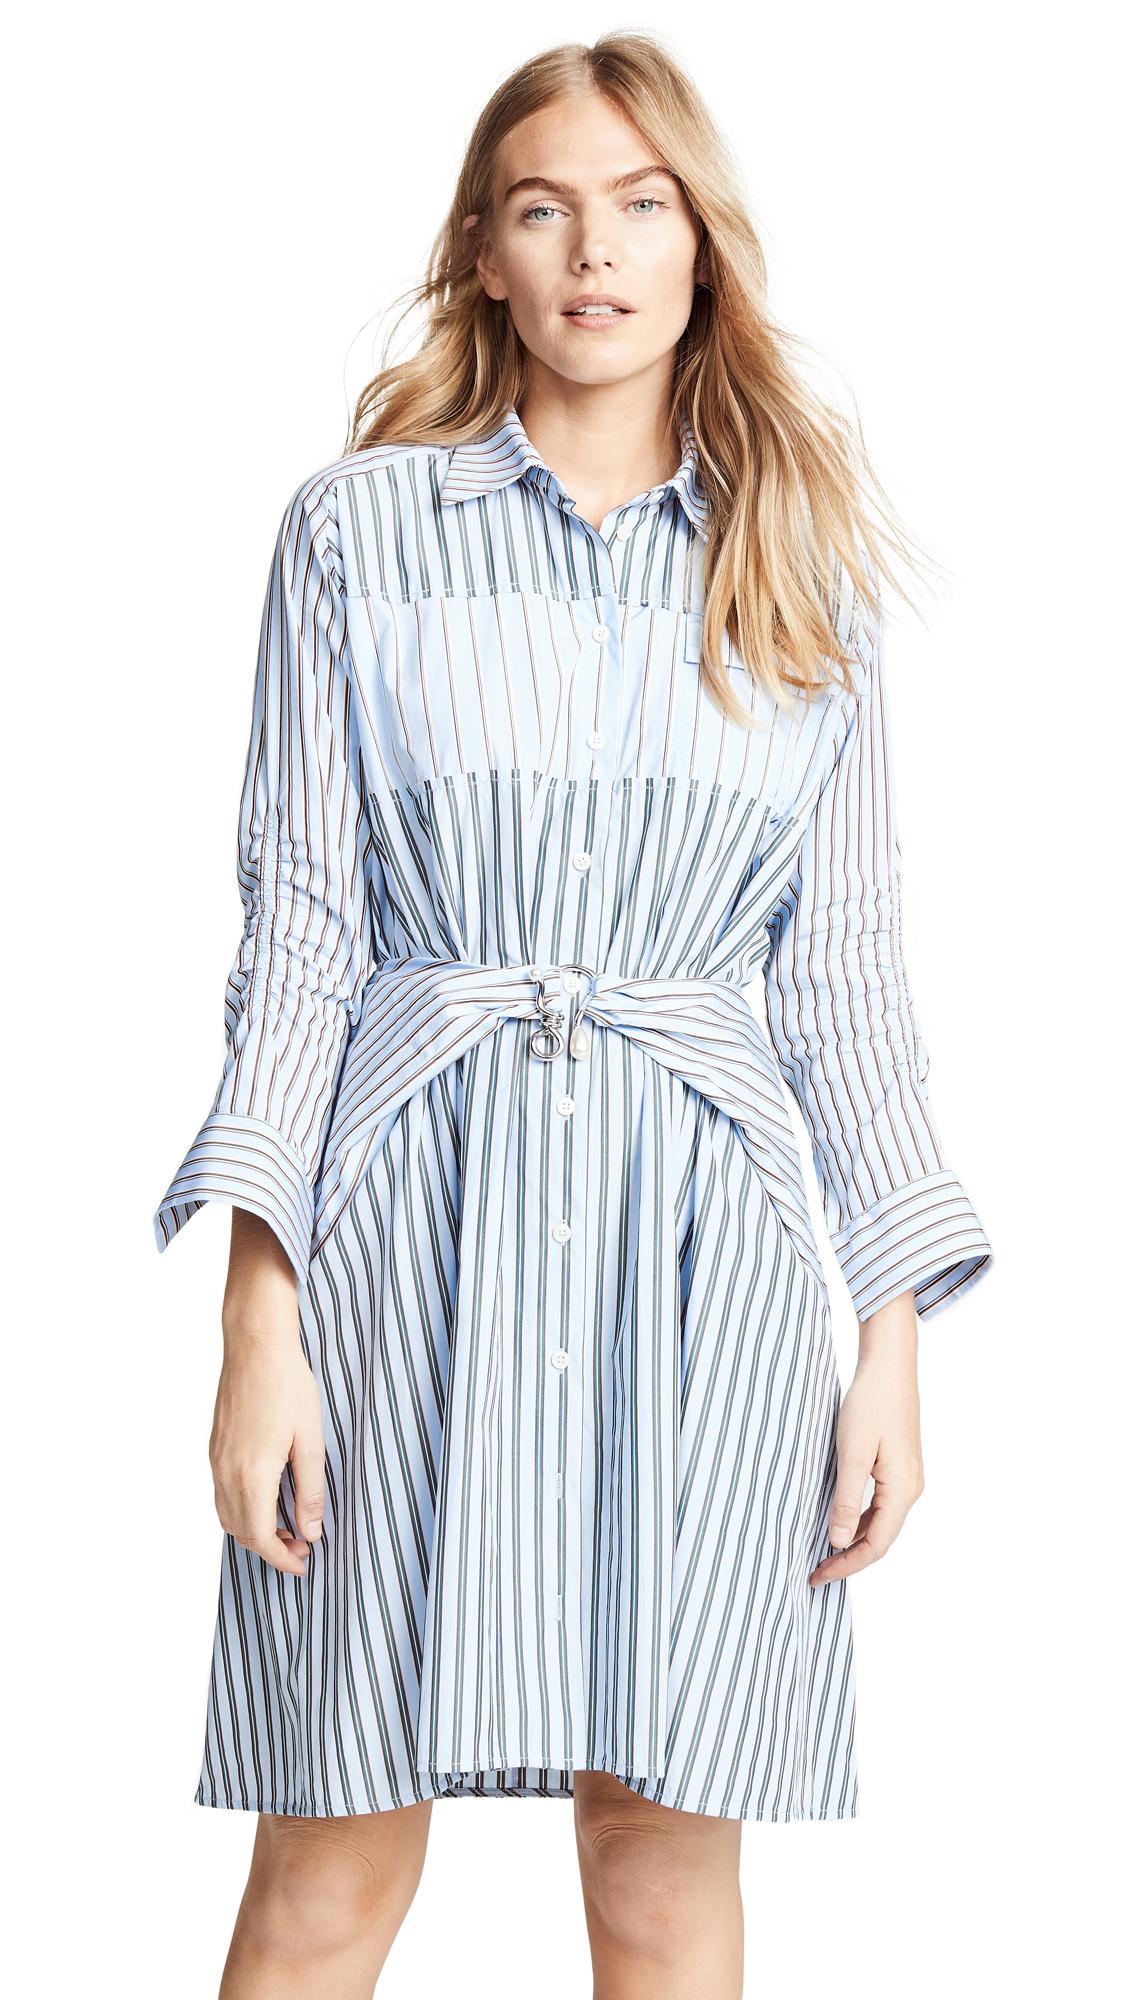 Carven Stripe Mini Shirtdress In Bleu Ciel/Blanc